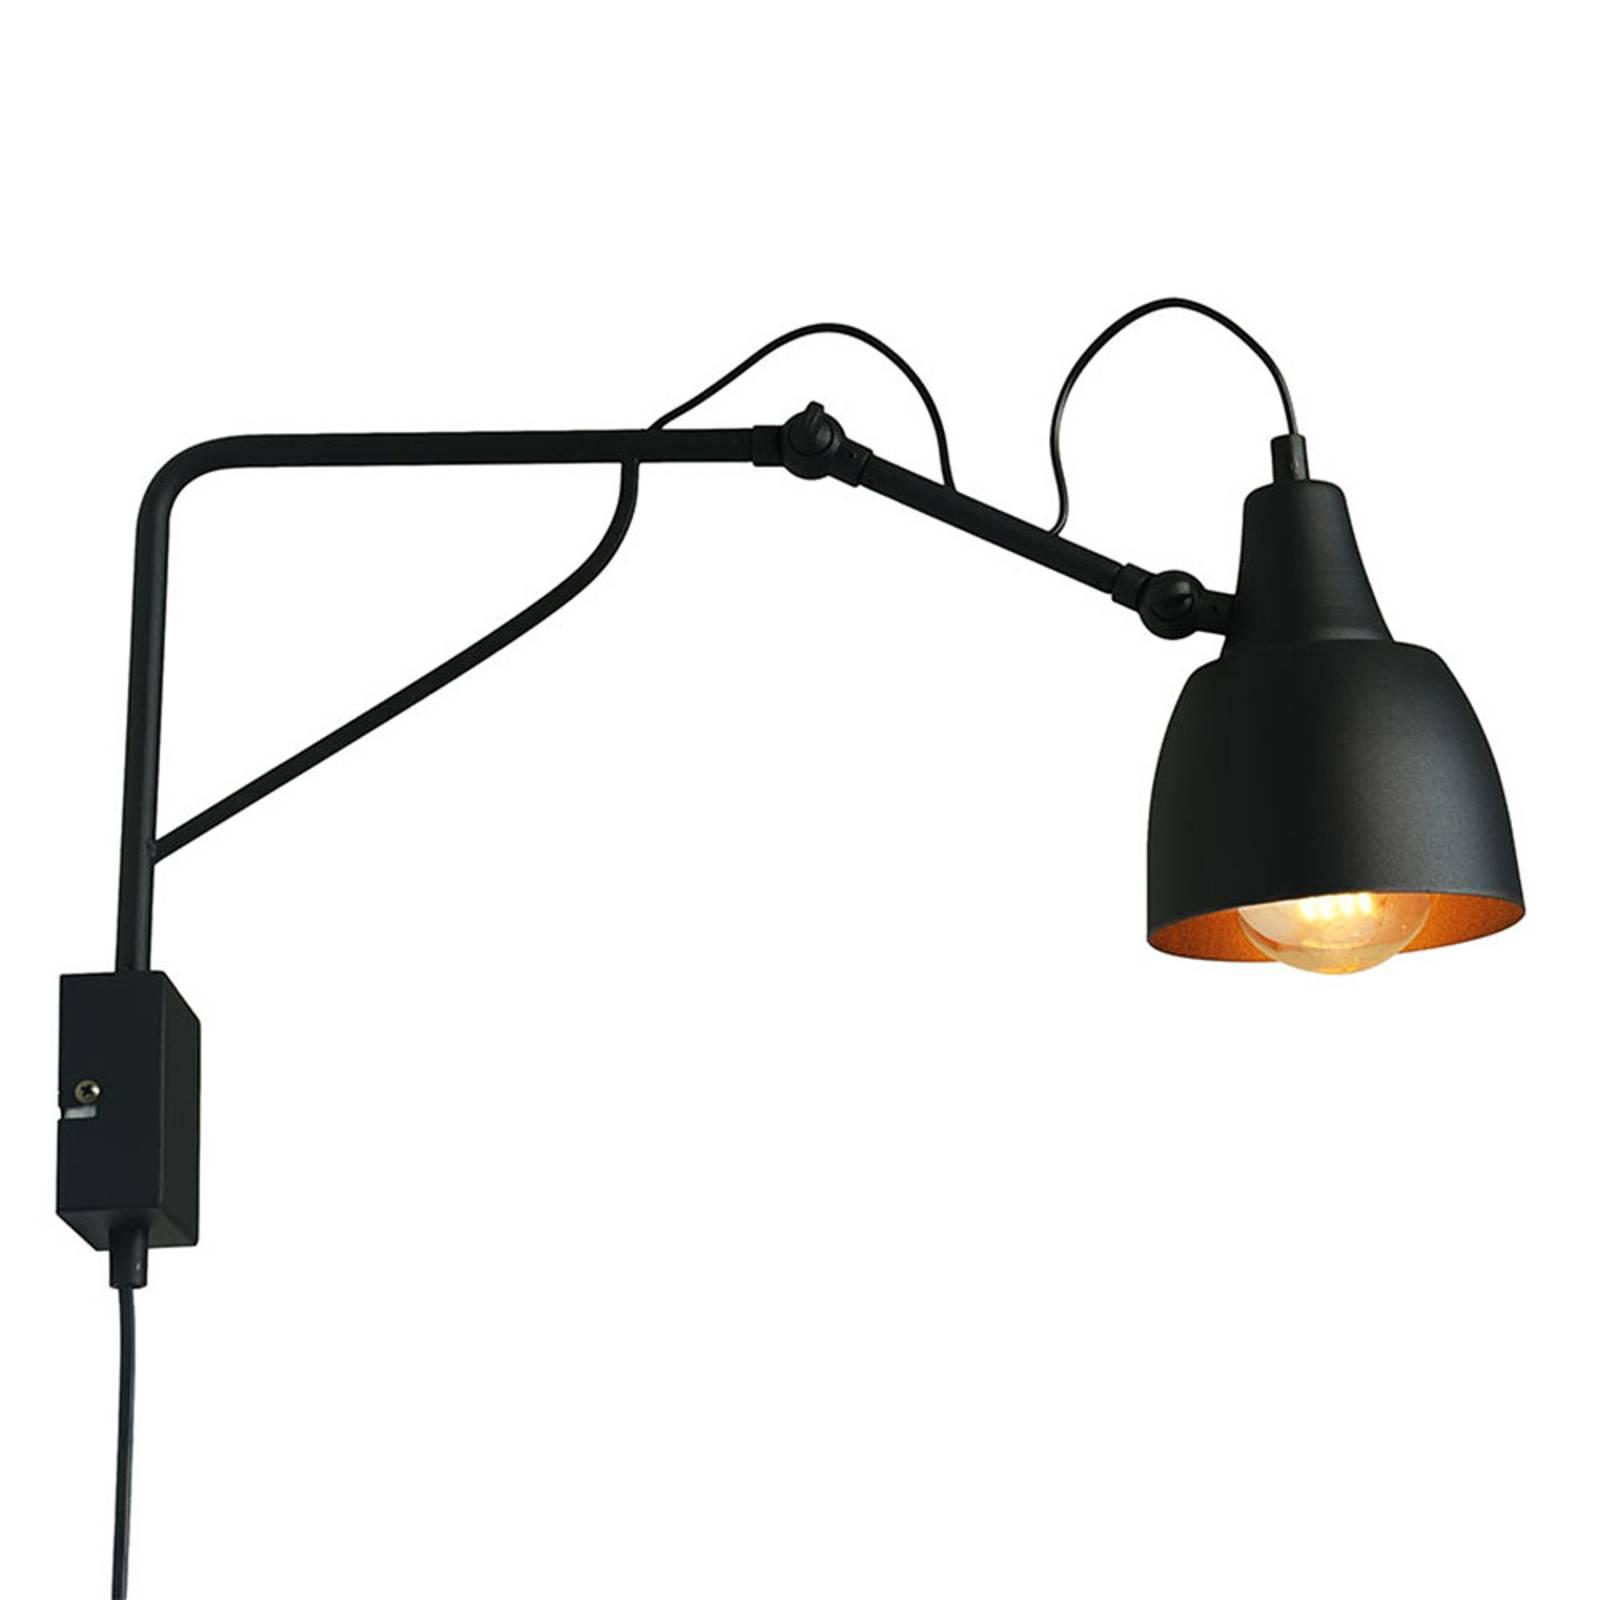 Bilde av 1002 Vegglampe Med Plugg, 1 Lyskilde, Svart